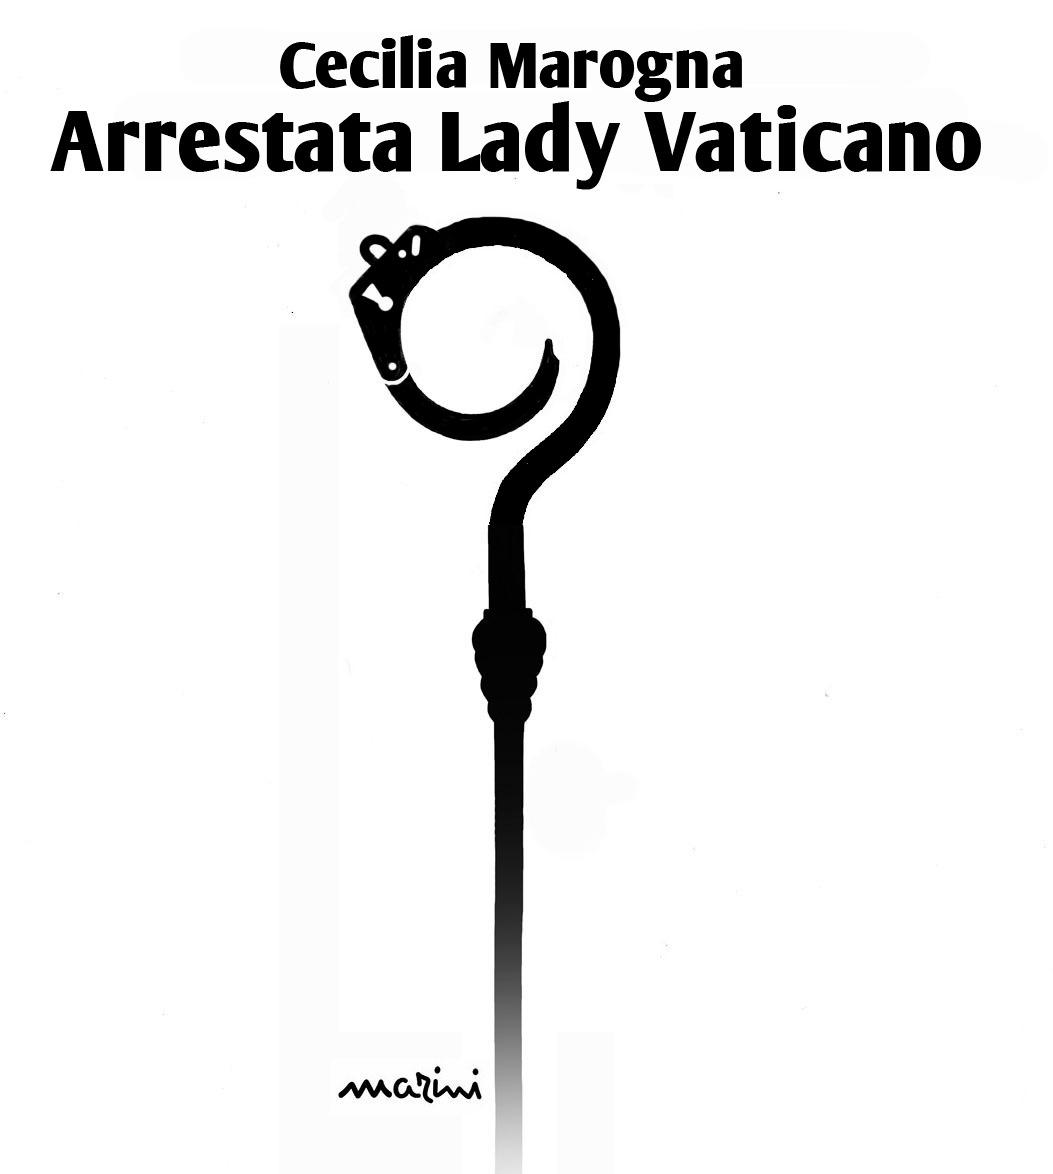 marogna vaticano becciu marini soldi